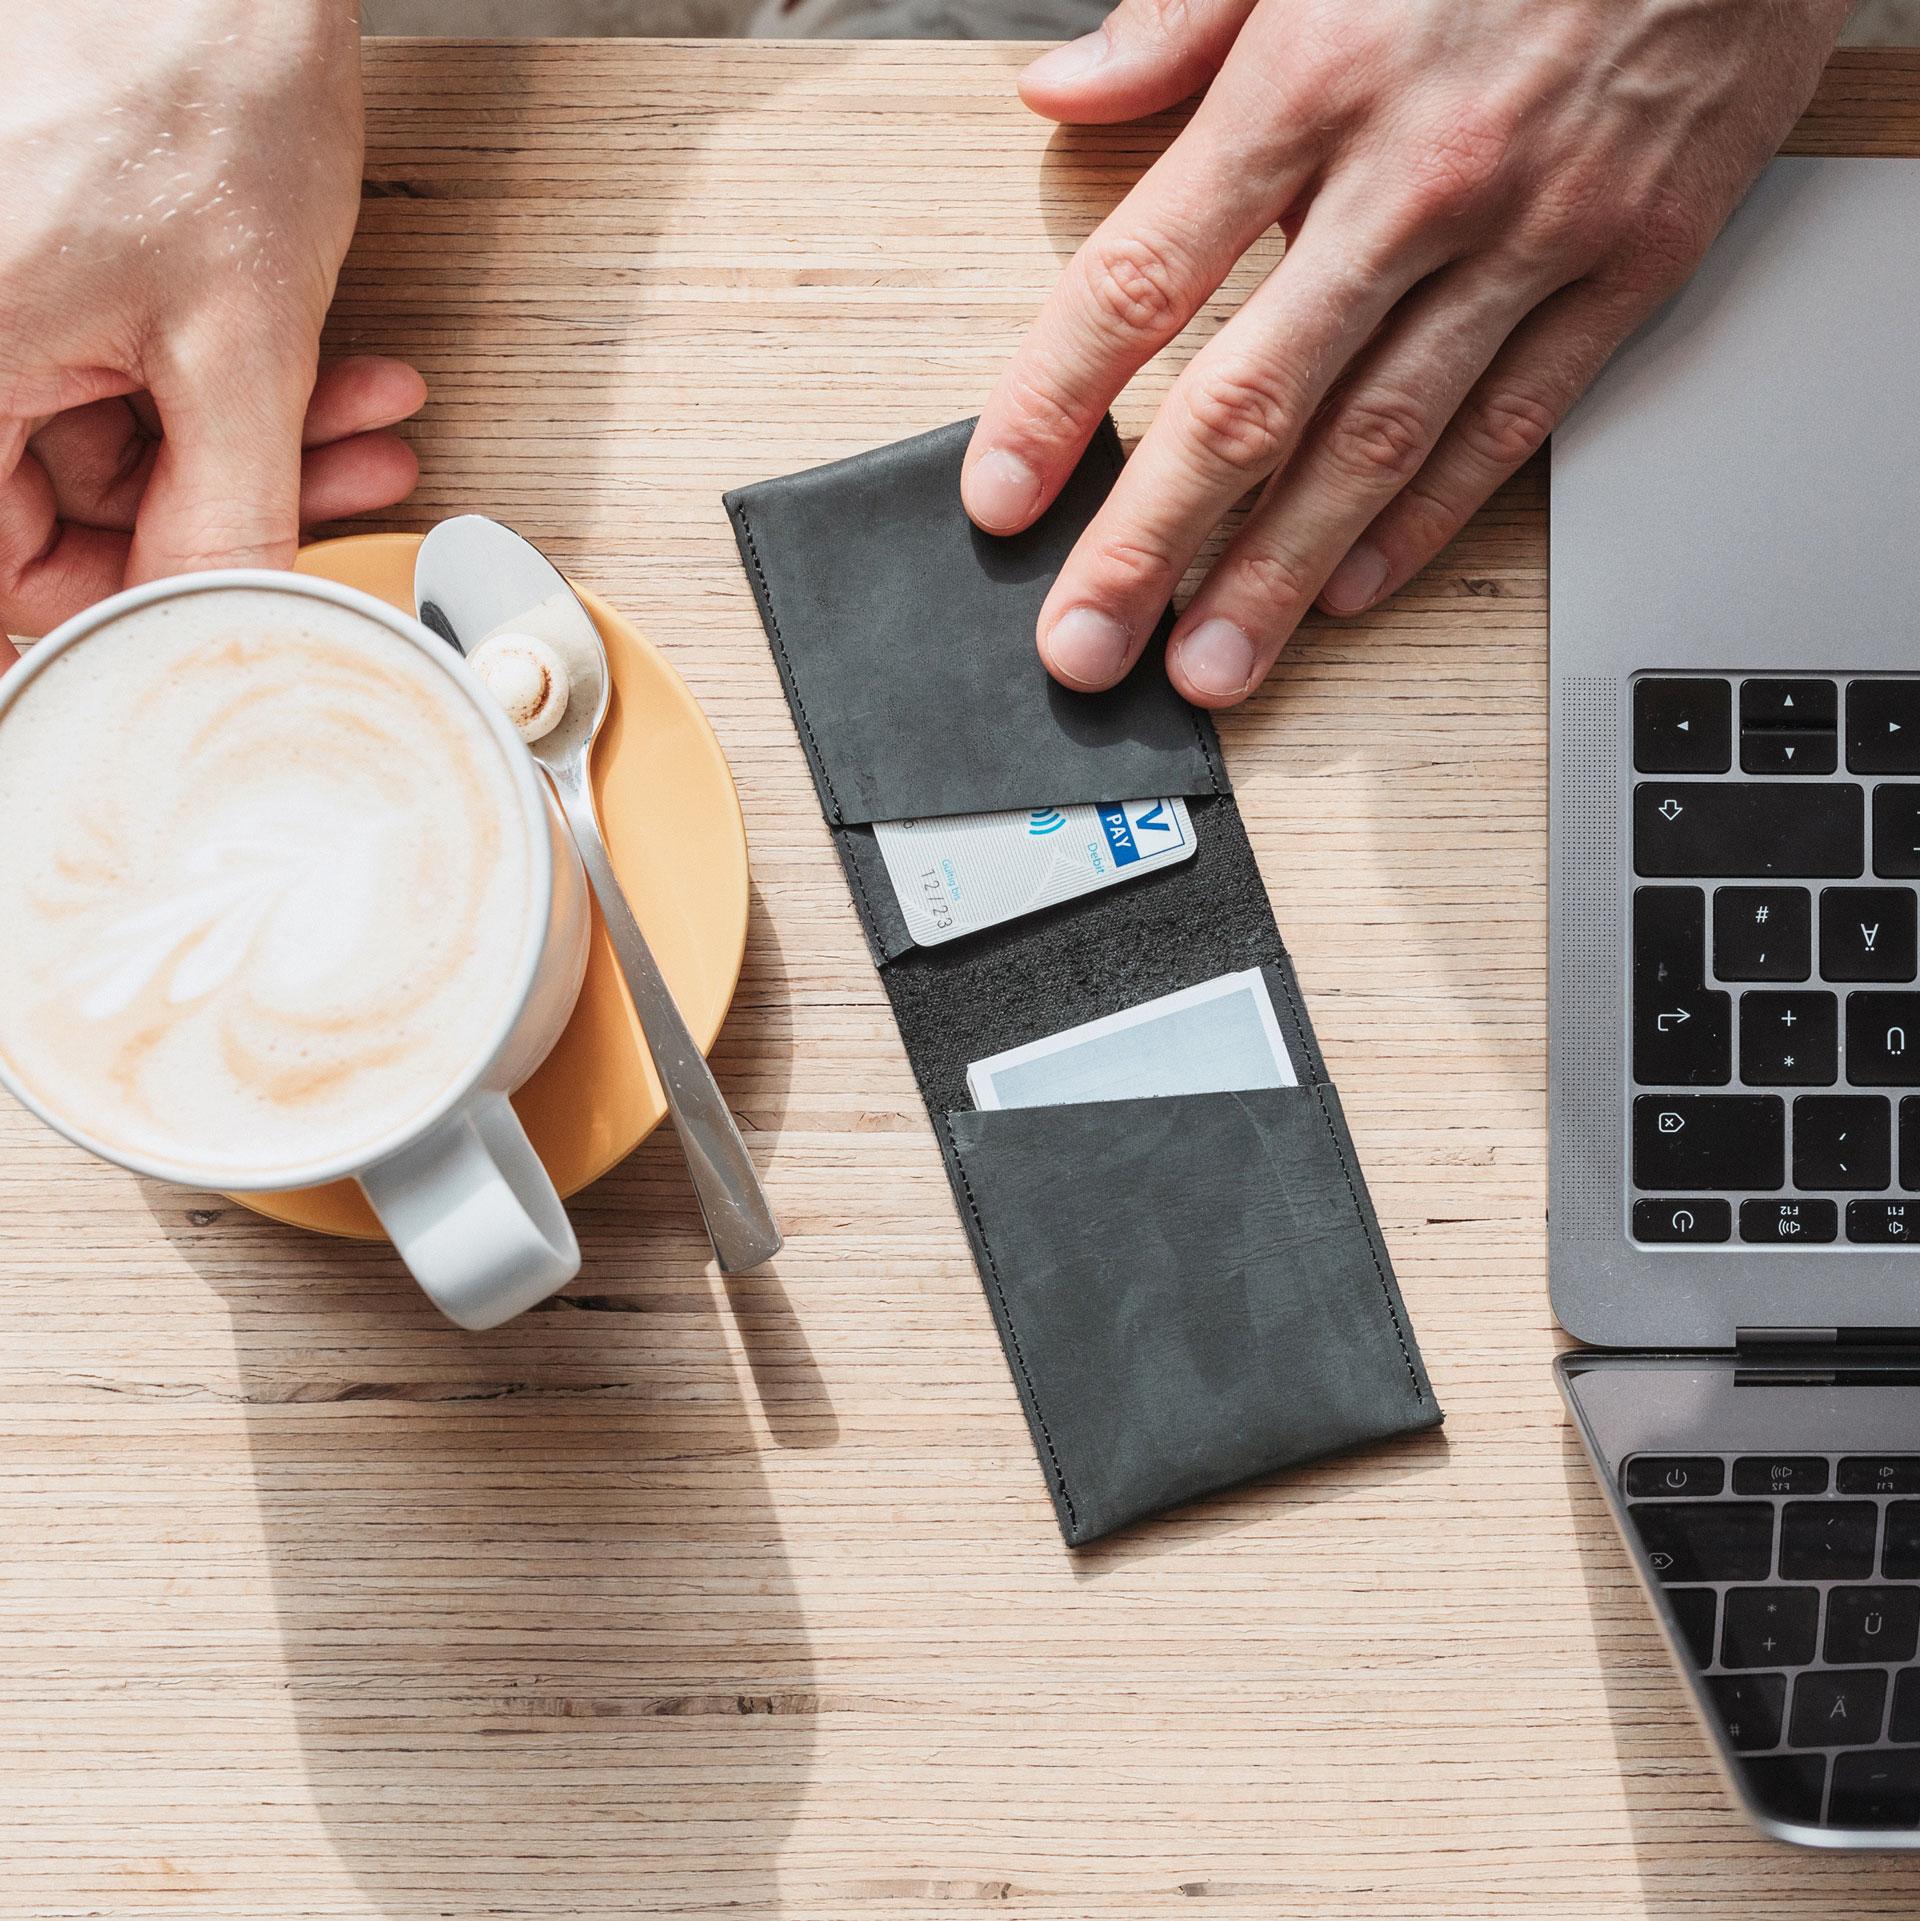 Portemonnaie Oli Small in Steingrau , gefüllt mit Visitenkarten und Kreditkarte